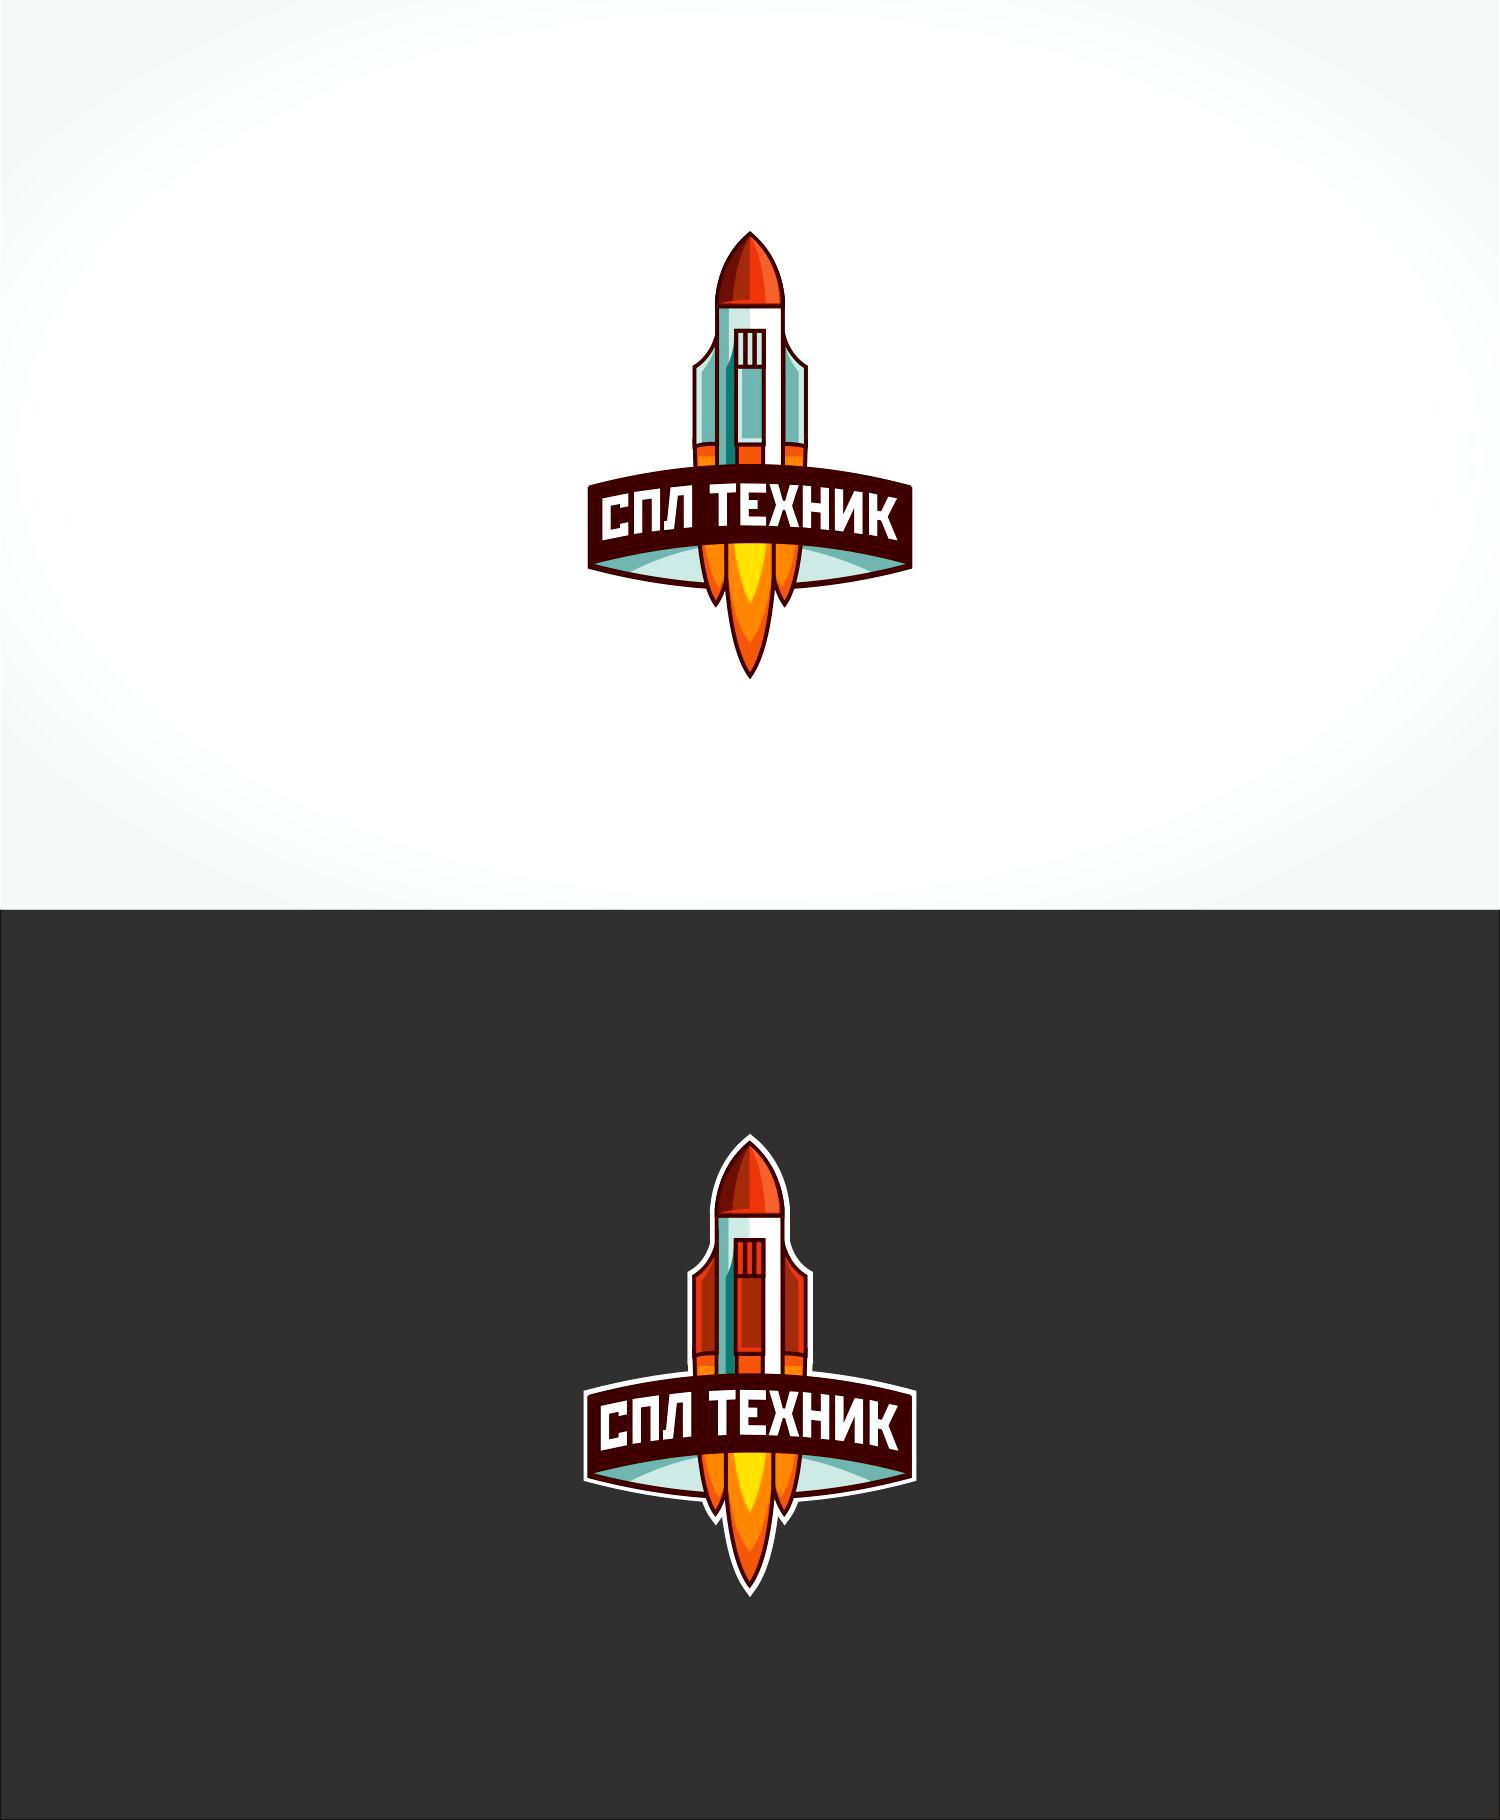 Разработка логотипа и фирменного стиля фото f_19659b1006a12d7b.jpg